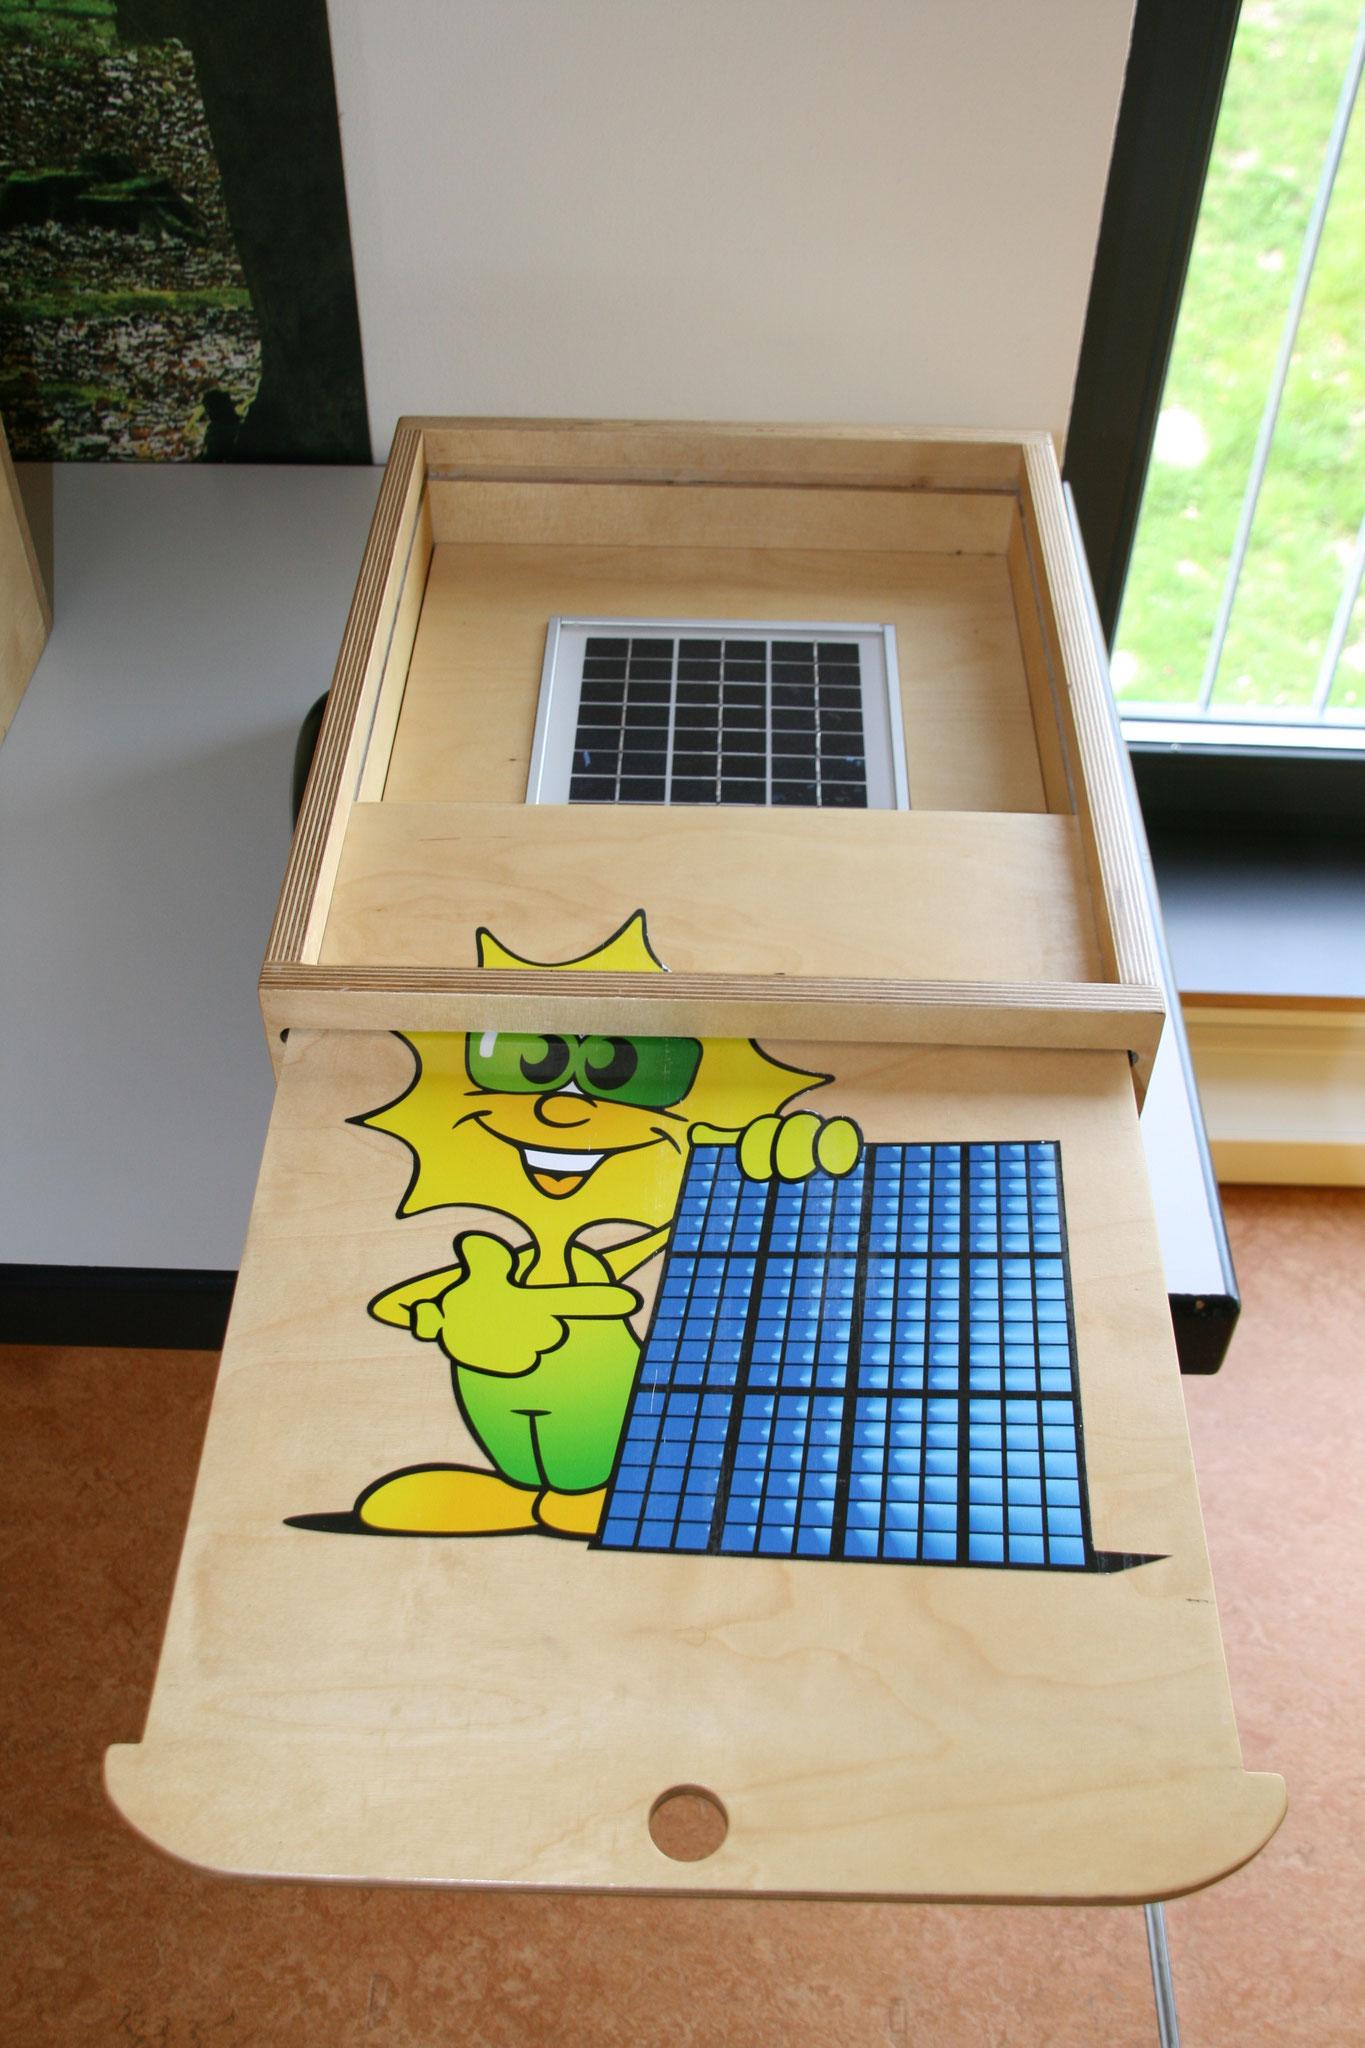 Nach Öffnen des Deckels fällt Licht auf die Solarzellen. Die Energie wird als Pfeiffton dargestellt.